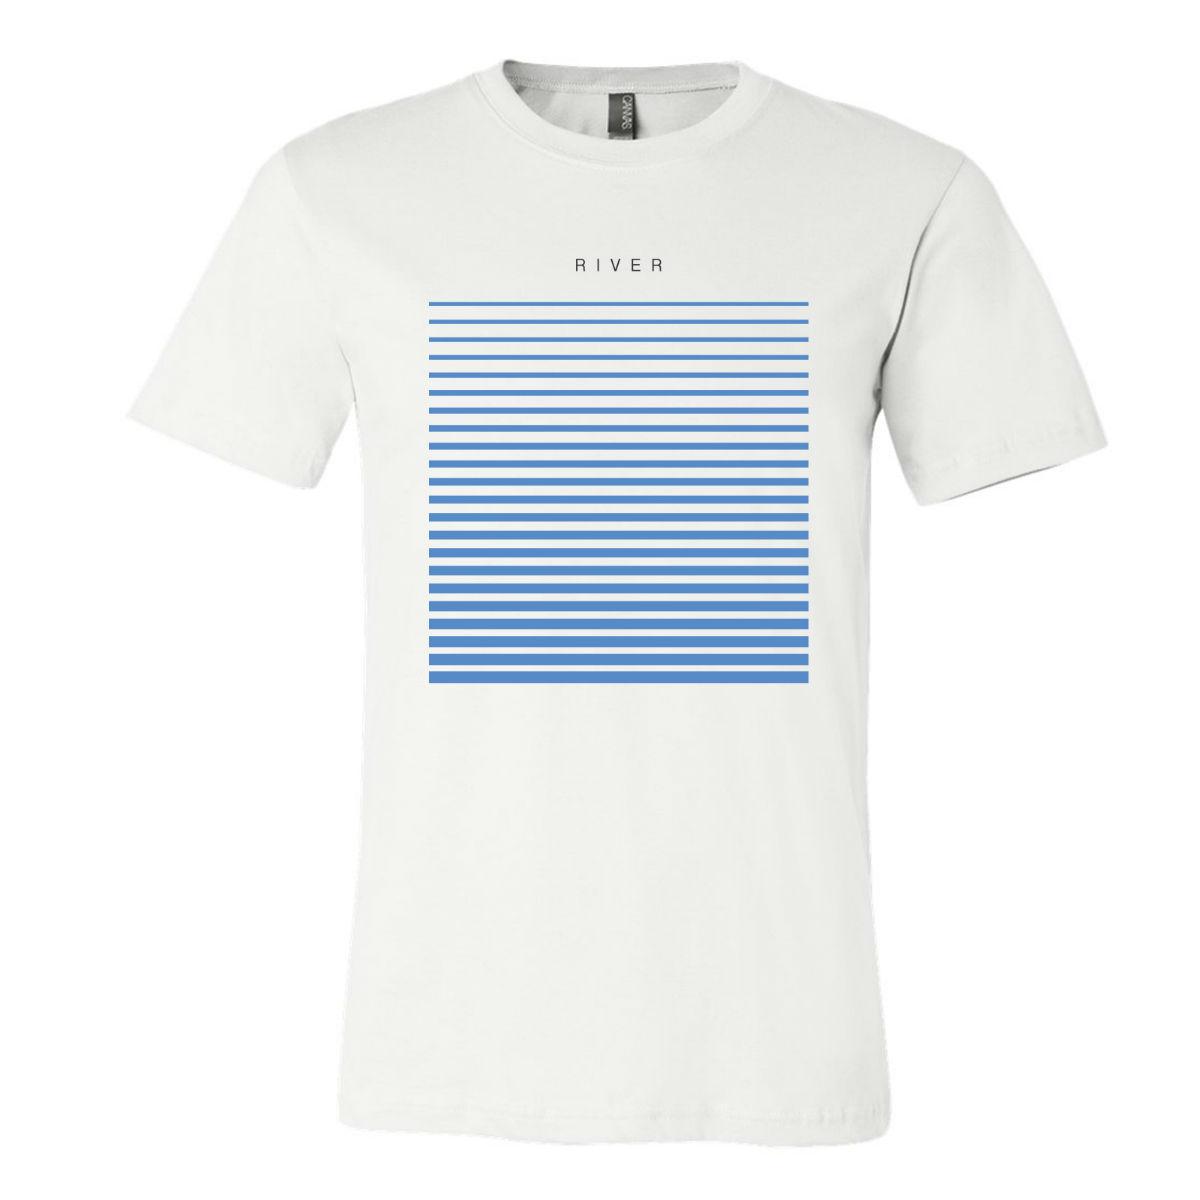 River T-Shirt - White